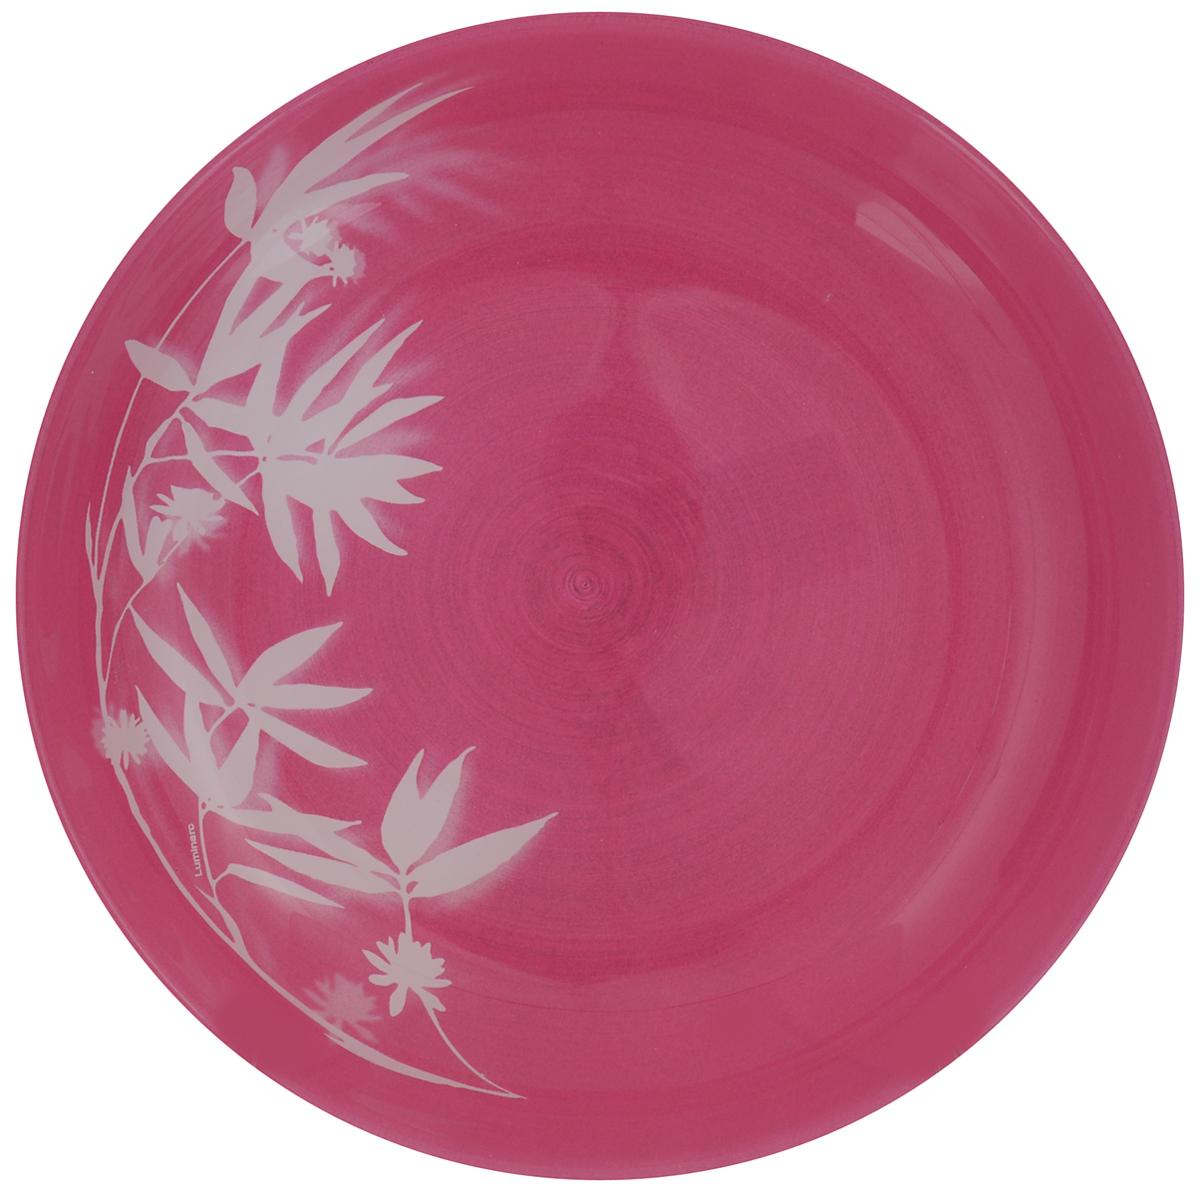 Тарелка обеденная Luminarc Darjeeling Pink, диаметр 20 смH3570Обеденная тарелка Luminarc Darjeeling Pink, изготовленная из высококачественного стекла, имеет изысканный внешний вид. Яркий дизайн придется по вкусу и ценителям классики, и тем, кто предпочитает утонченность. Тарелка Luminarc Darjeeling Pink идеально подойдет для сервировки стола и станет отличным подарком к любому празднику. Диаметр (по верхнему краю): 20 см.